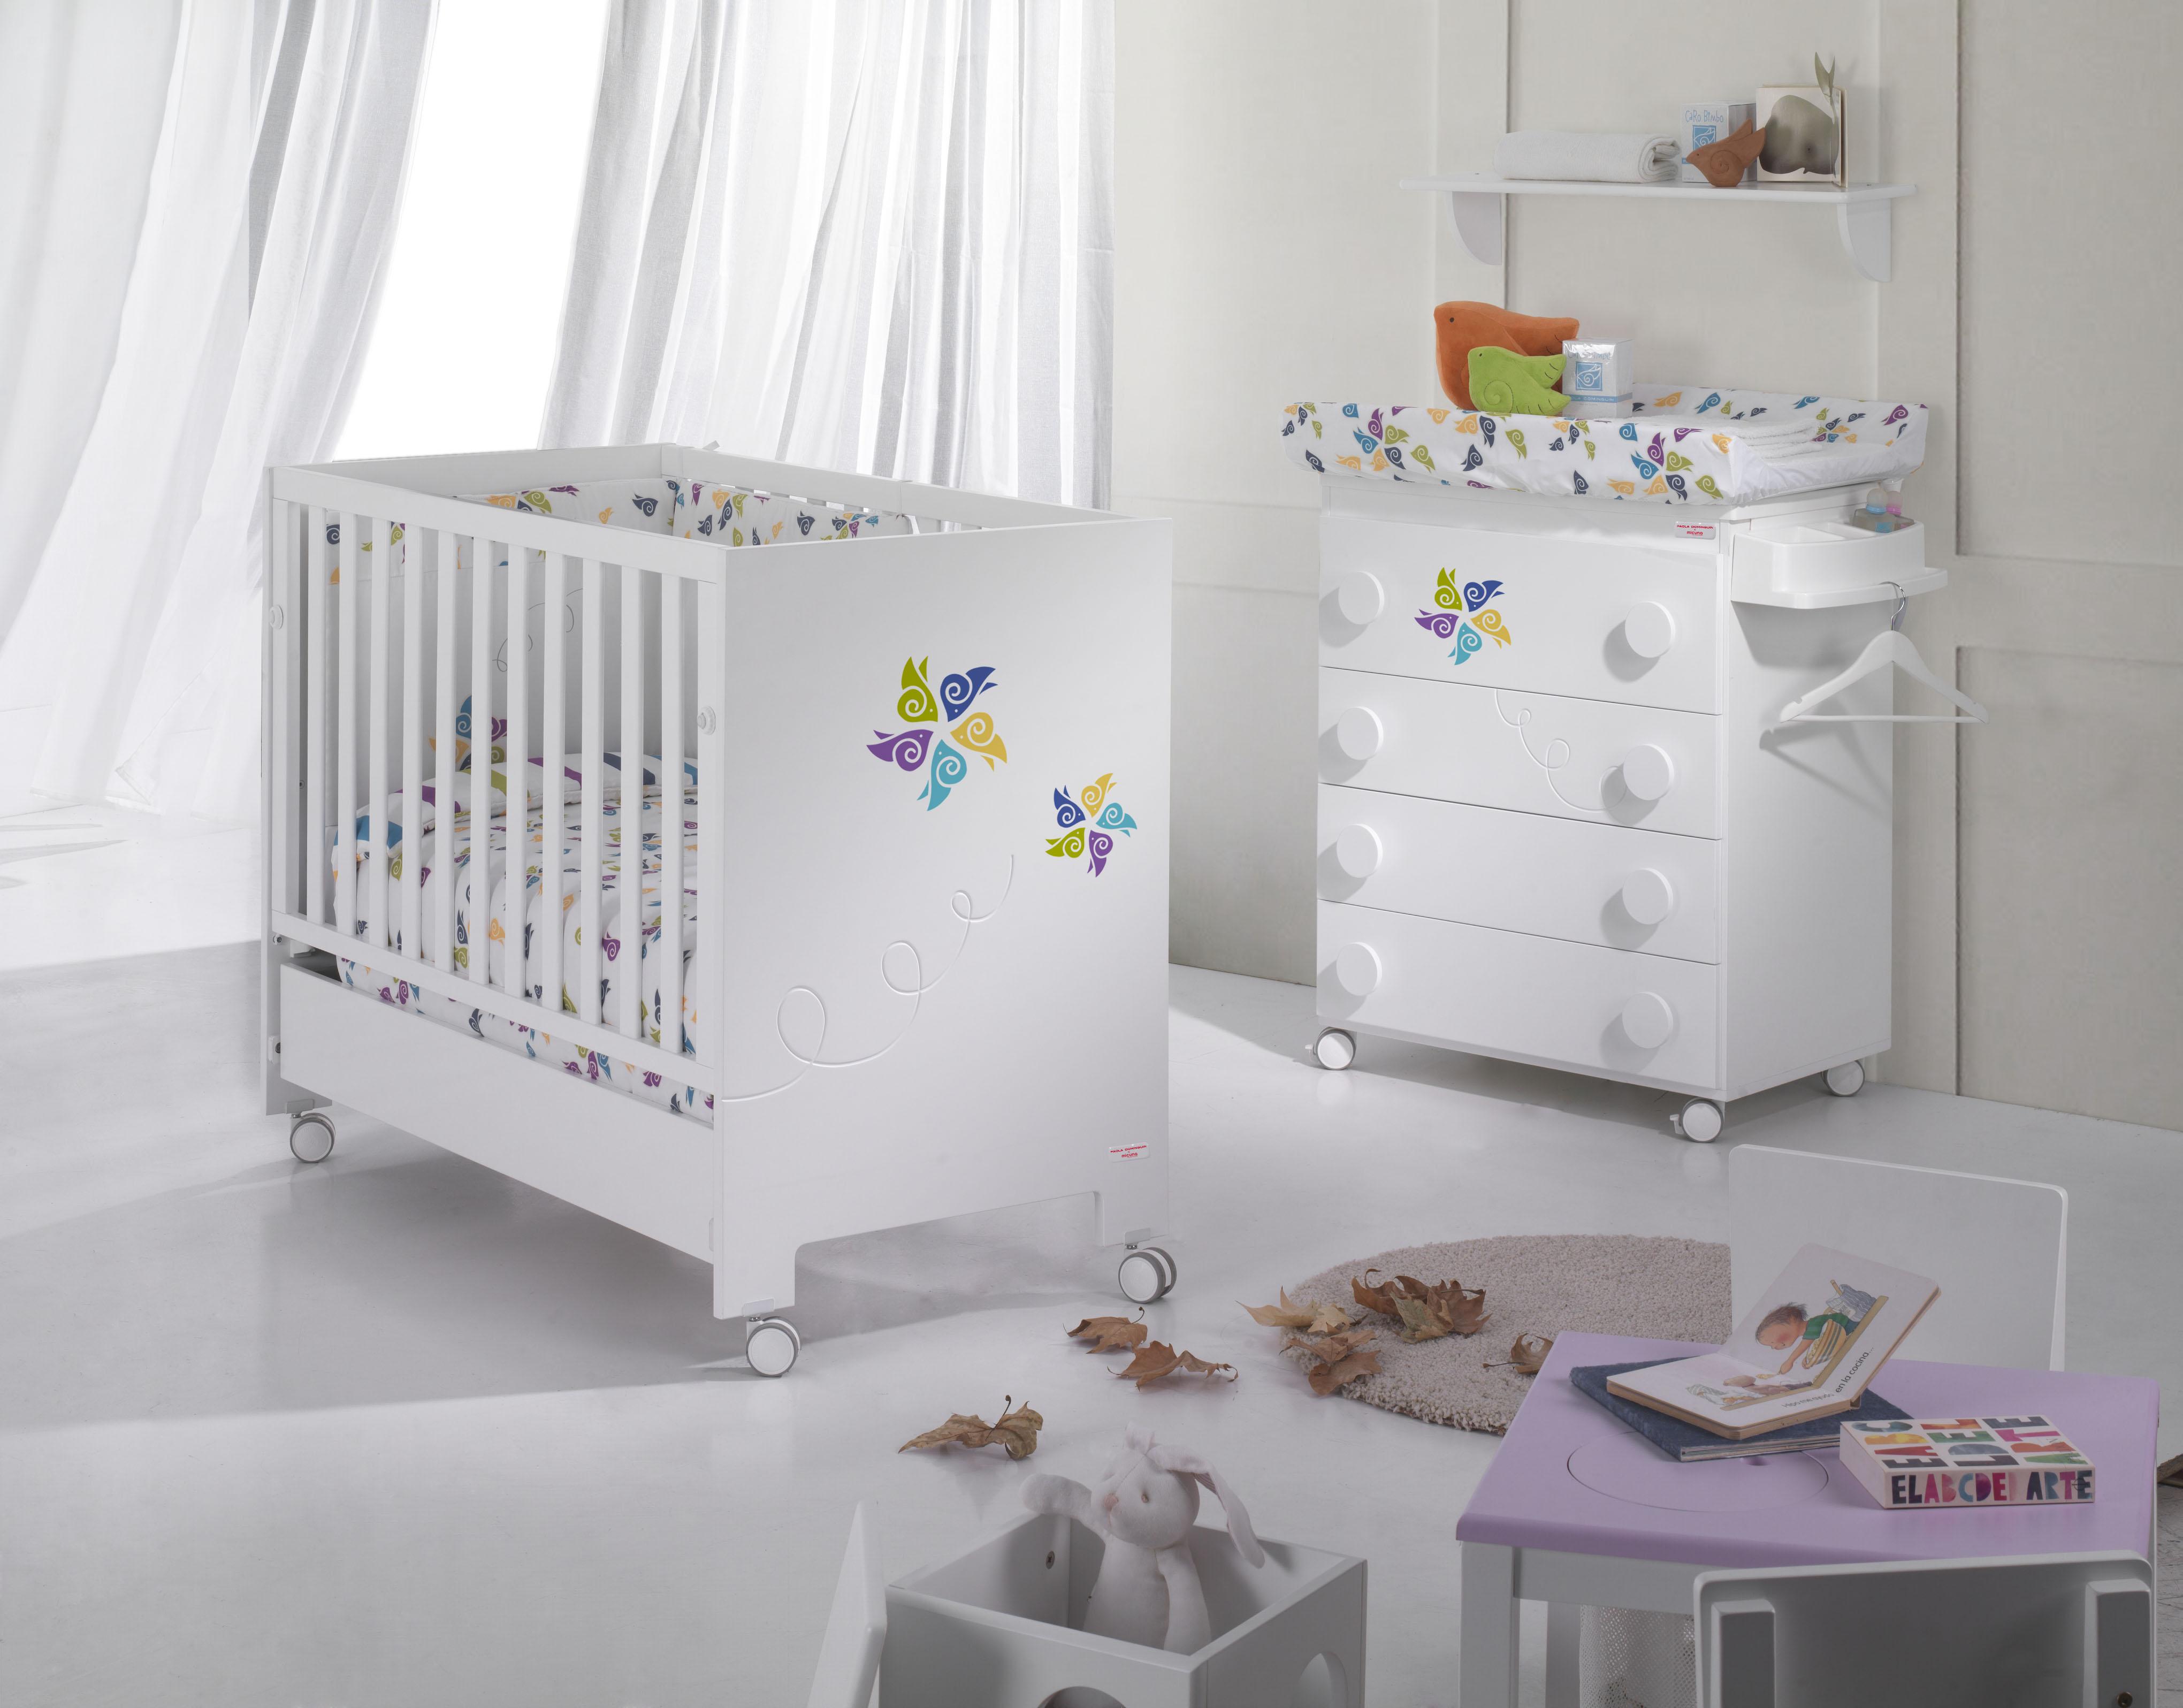 Paola domingu n colabora con micuna en mobiliario infantil blog de moda infantil ropa de beb - Mobiliario habitacion bebe ...